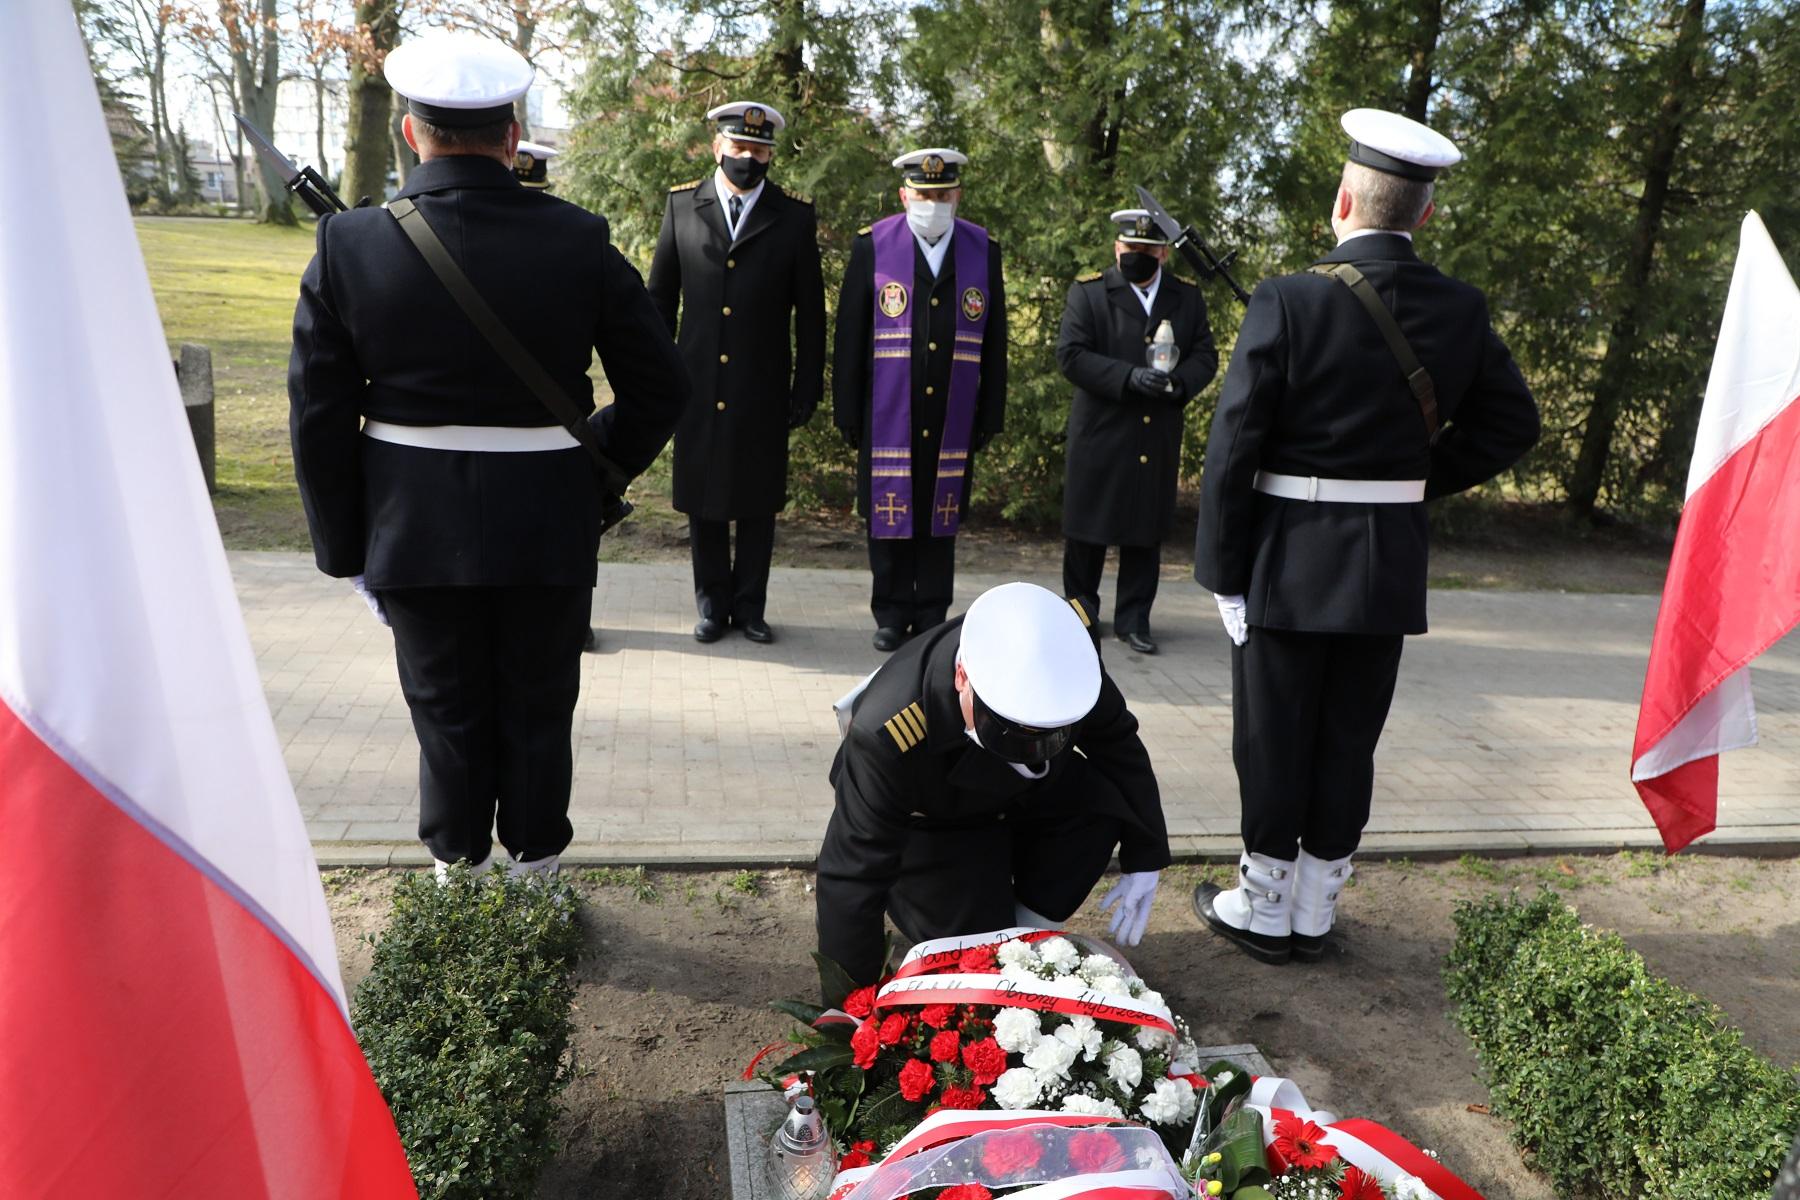 Marynarka Wojenna - Narodowy Dzień Pamięci